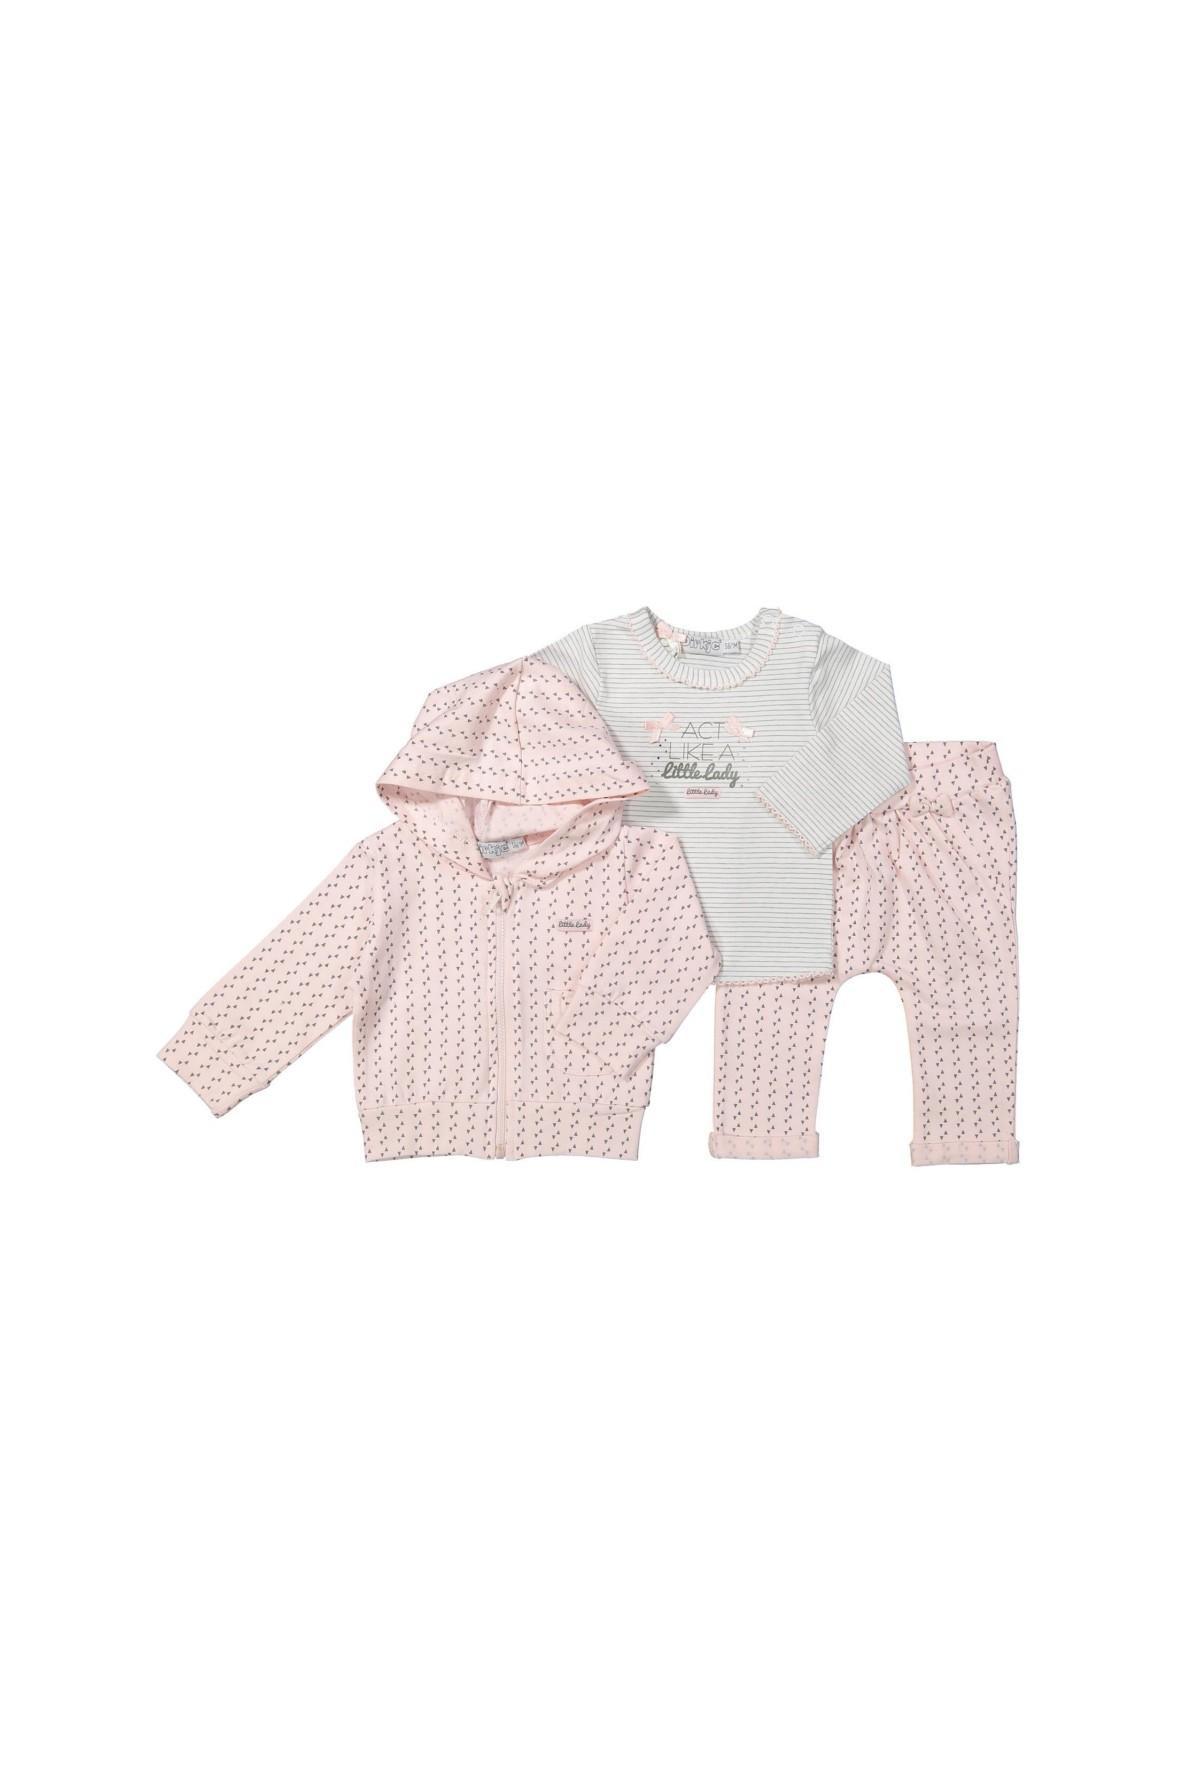 Komplet niemowlęcy bluza, bluzka z długim rękawem, spodnie dresowe